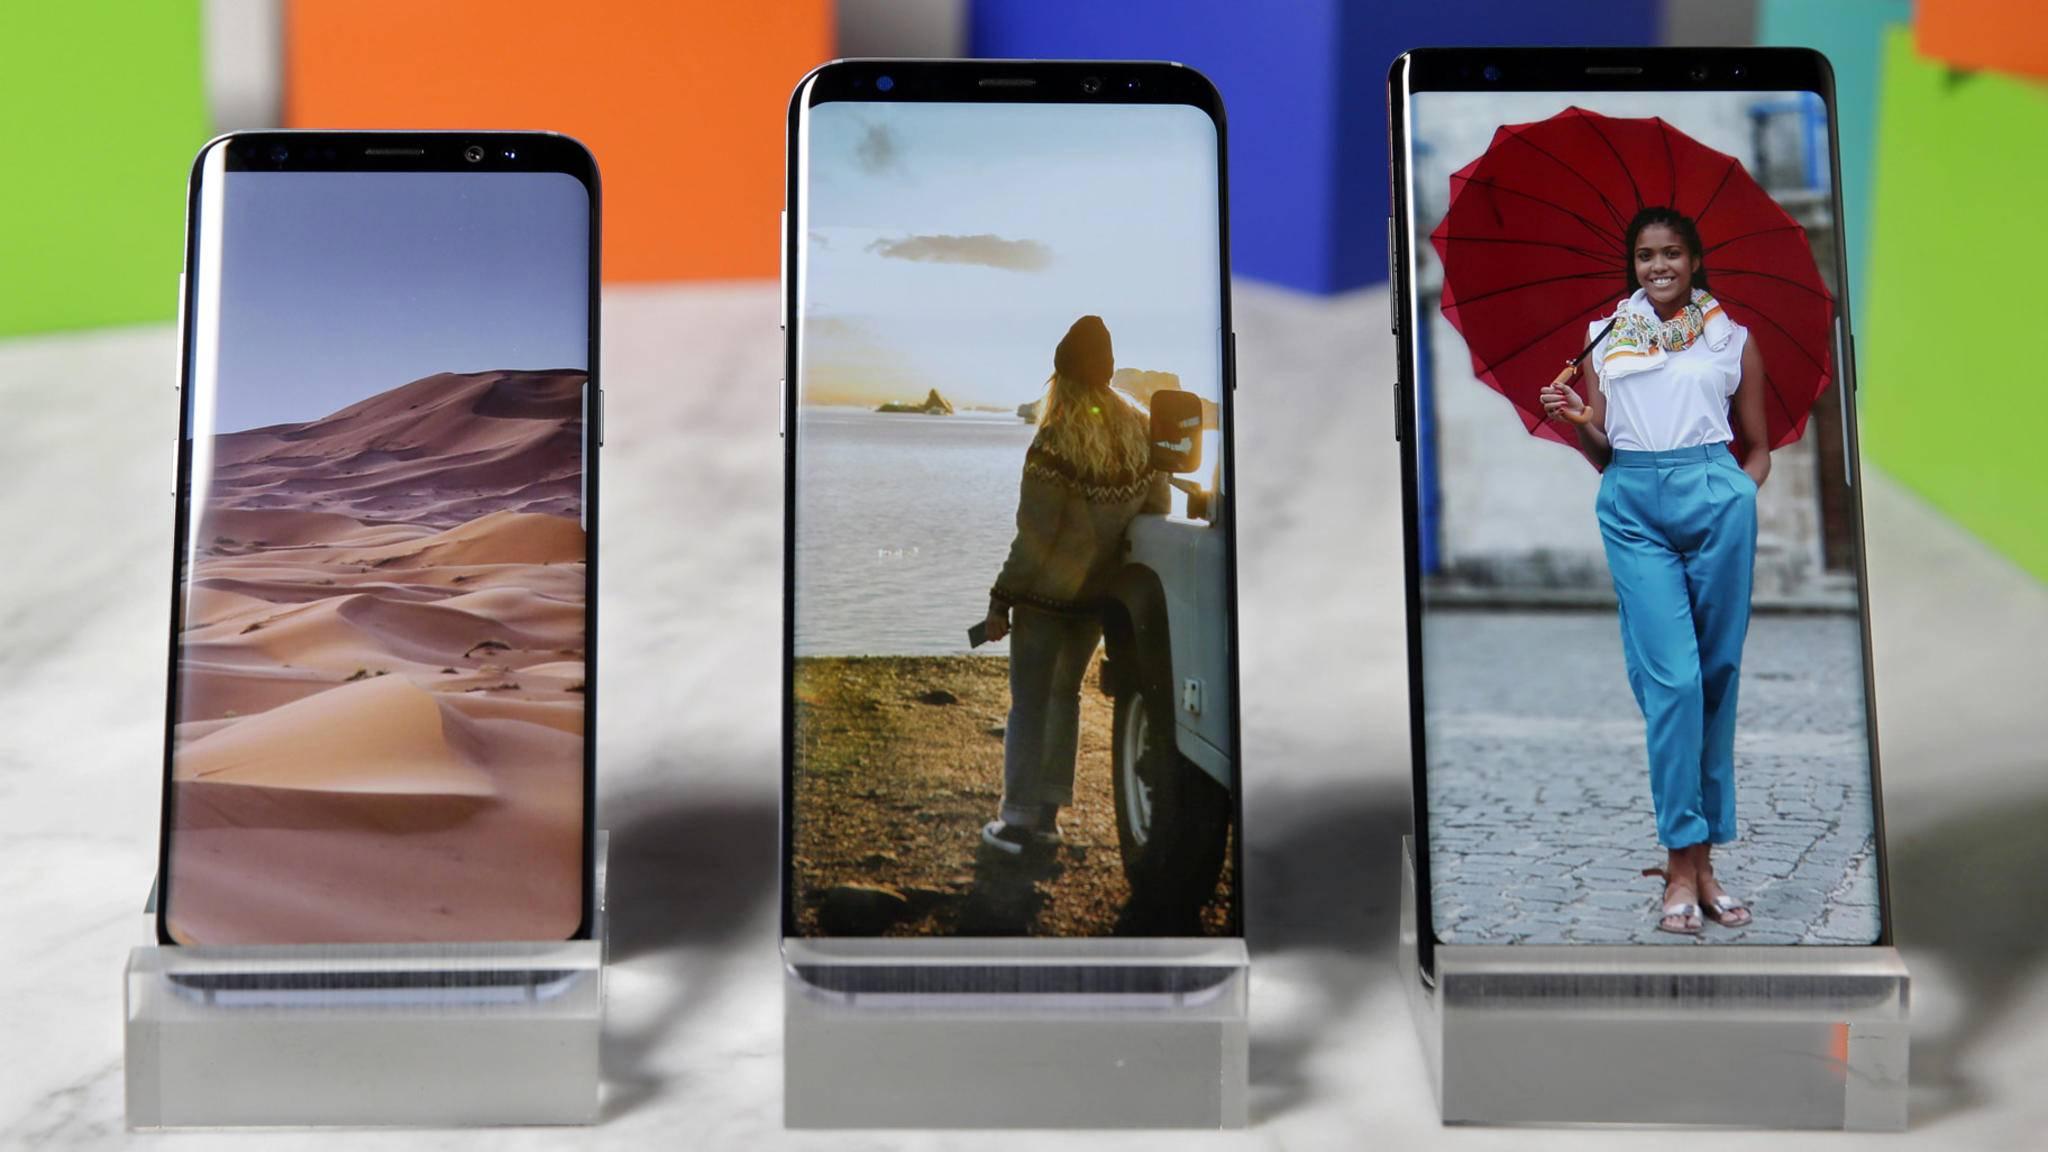 Wir klären die großen Unterschiede zwischen Galaxy S8 (links), S8 Plus (Mitte) und Galaxy Note 8 (rechts).